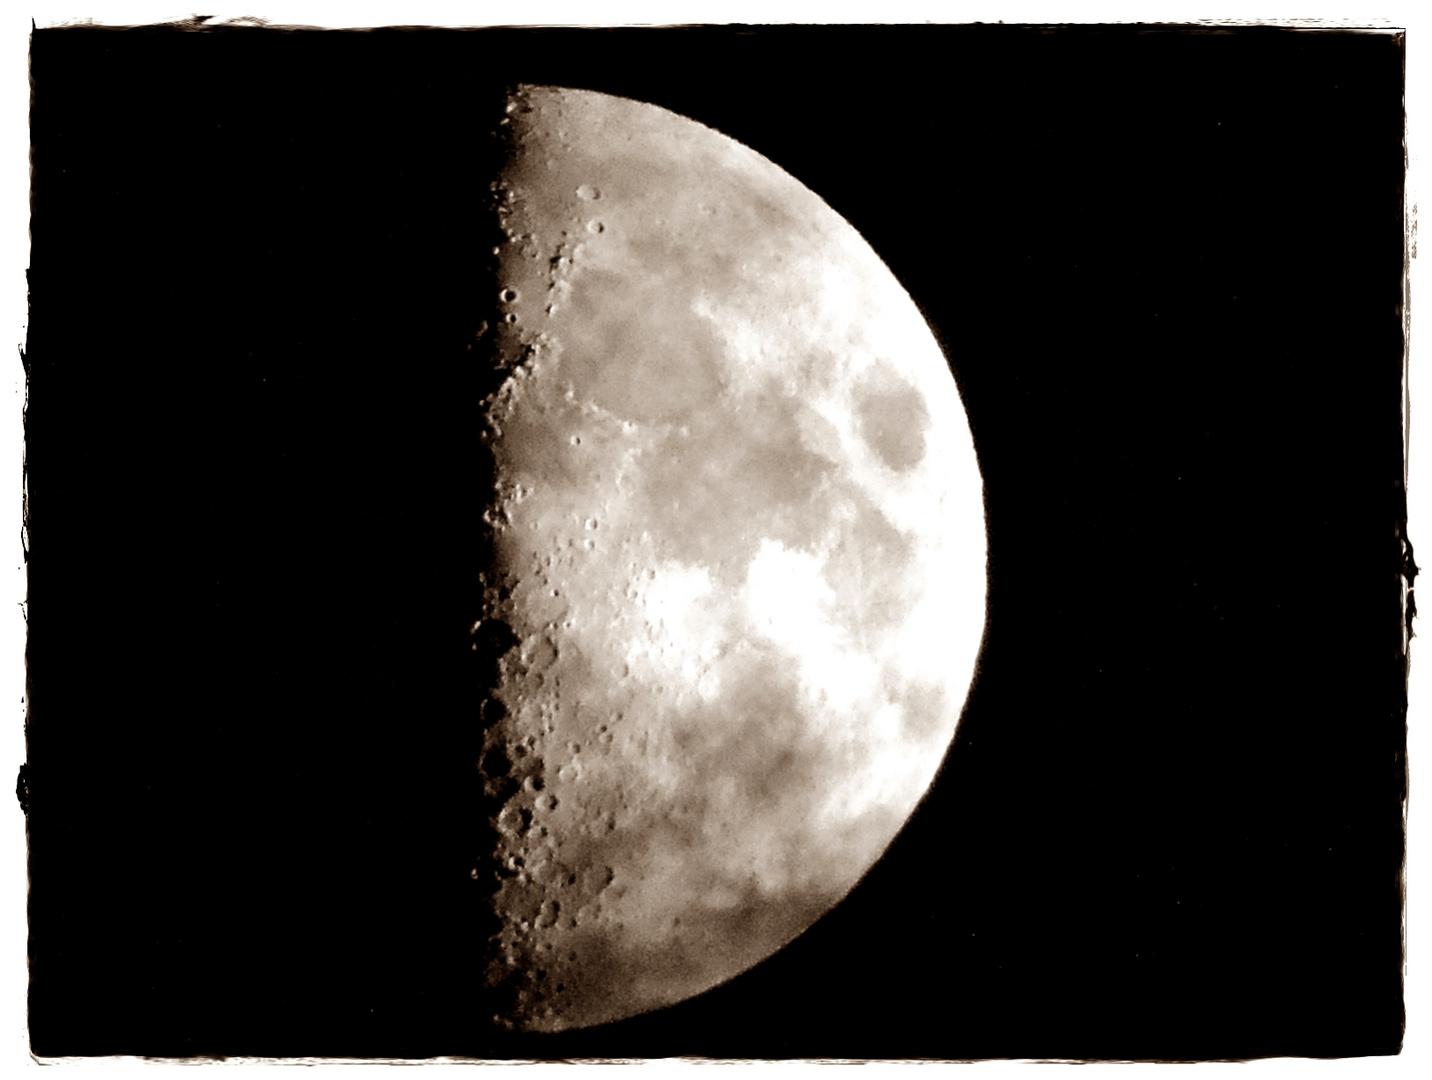 Mein halber Mond